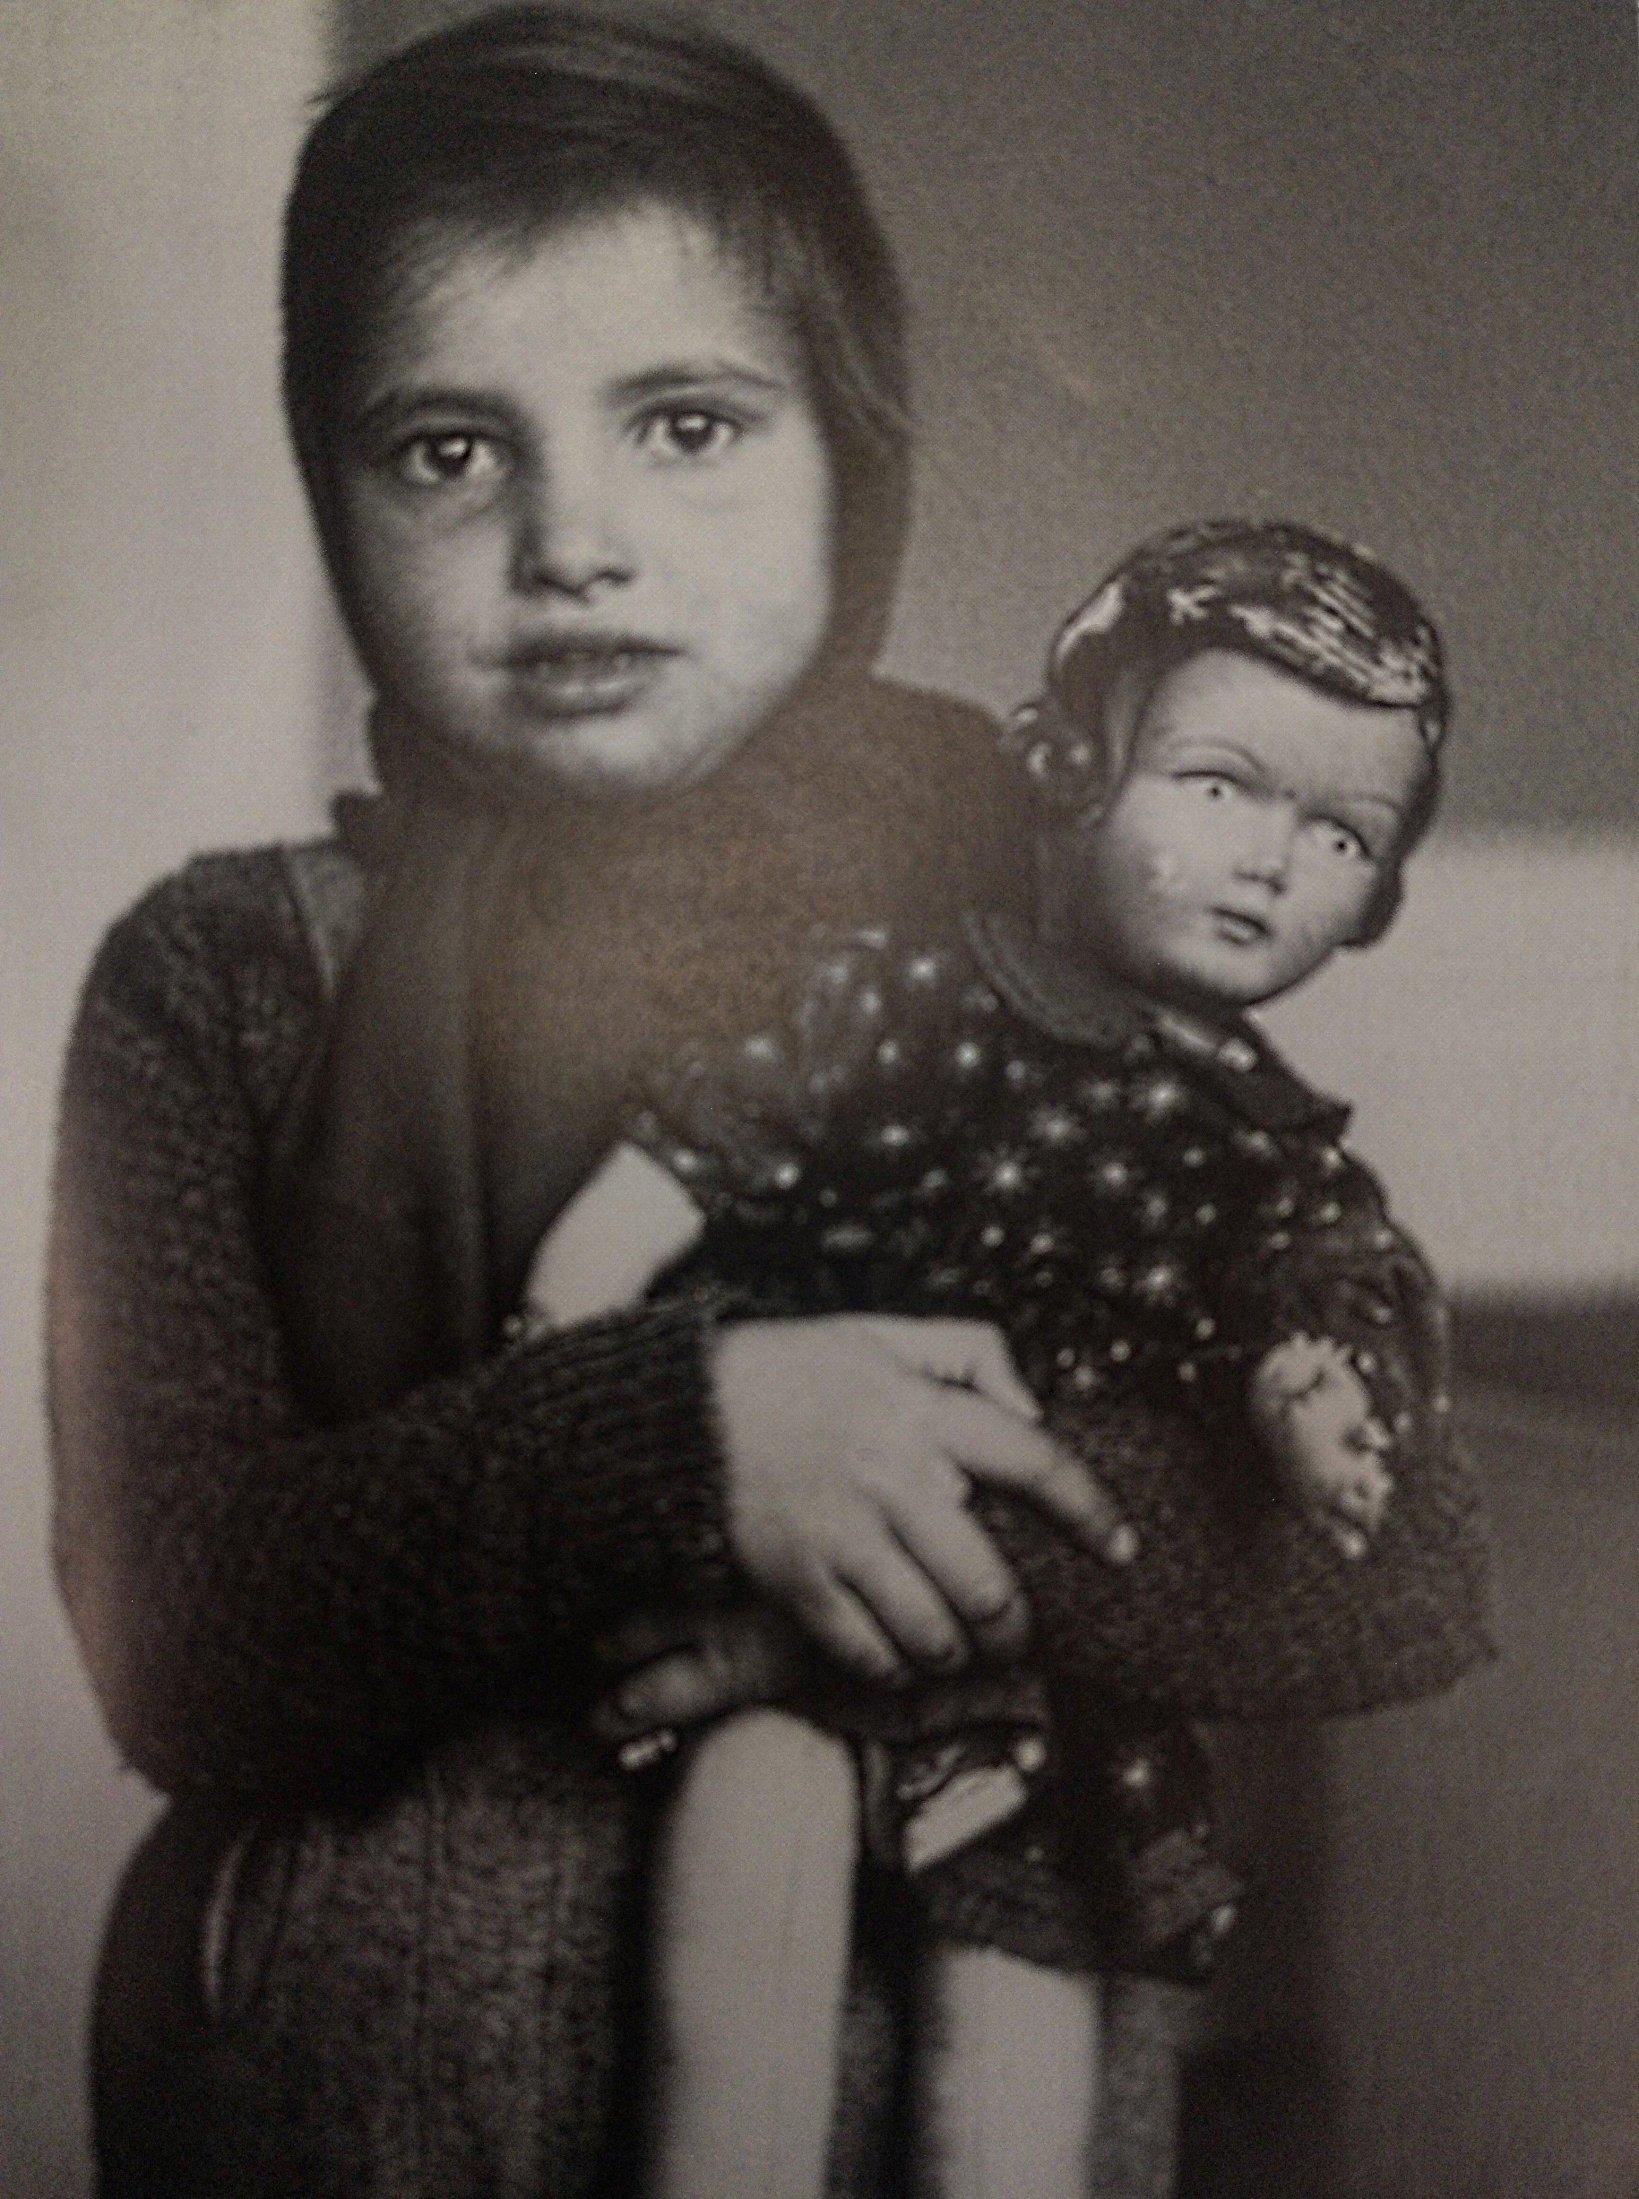 Ungarisches Flüchtlingsmädchen mit geschenkter Puppe in Luzern 1956, aus Mondo Annoni (Hg.), Erinnerungen an Luzern 1955-1975, S. 27